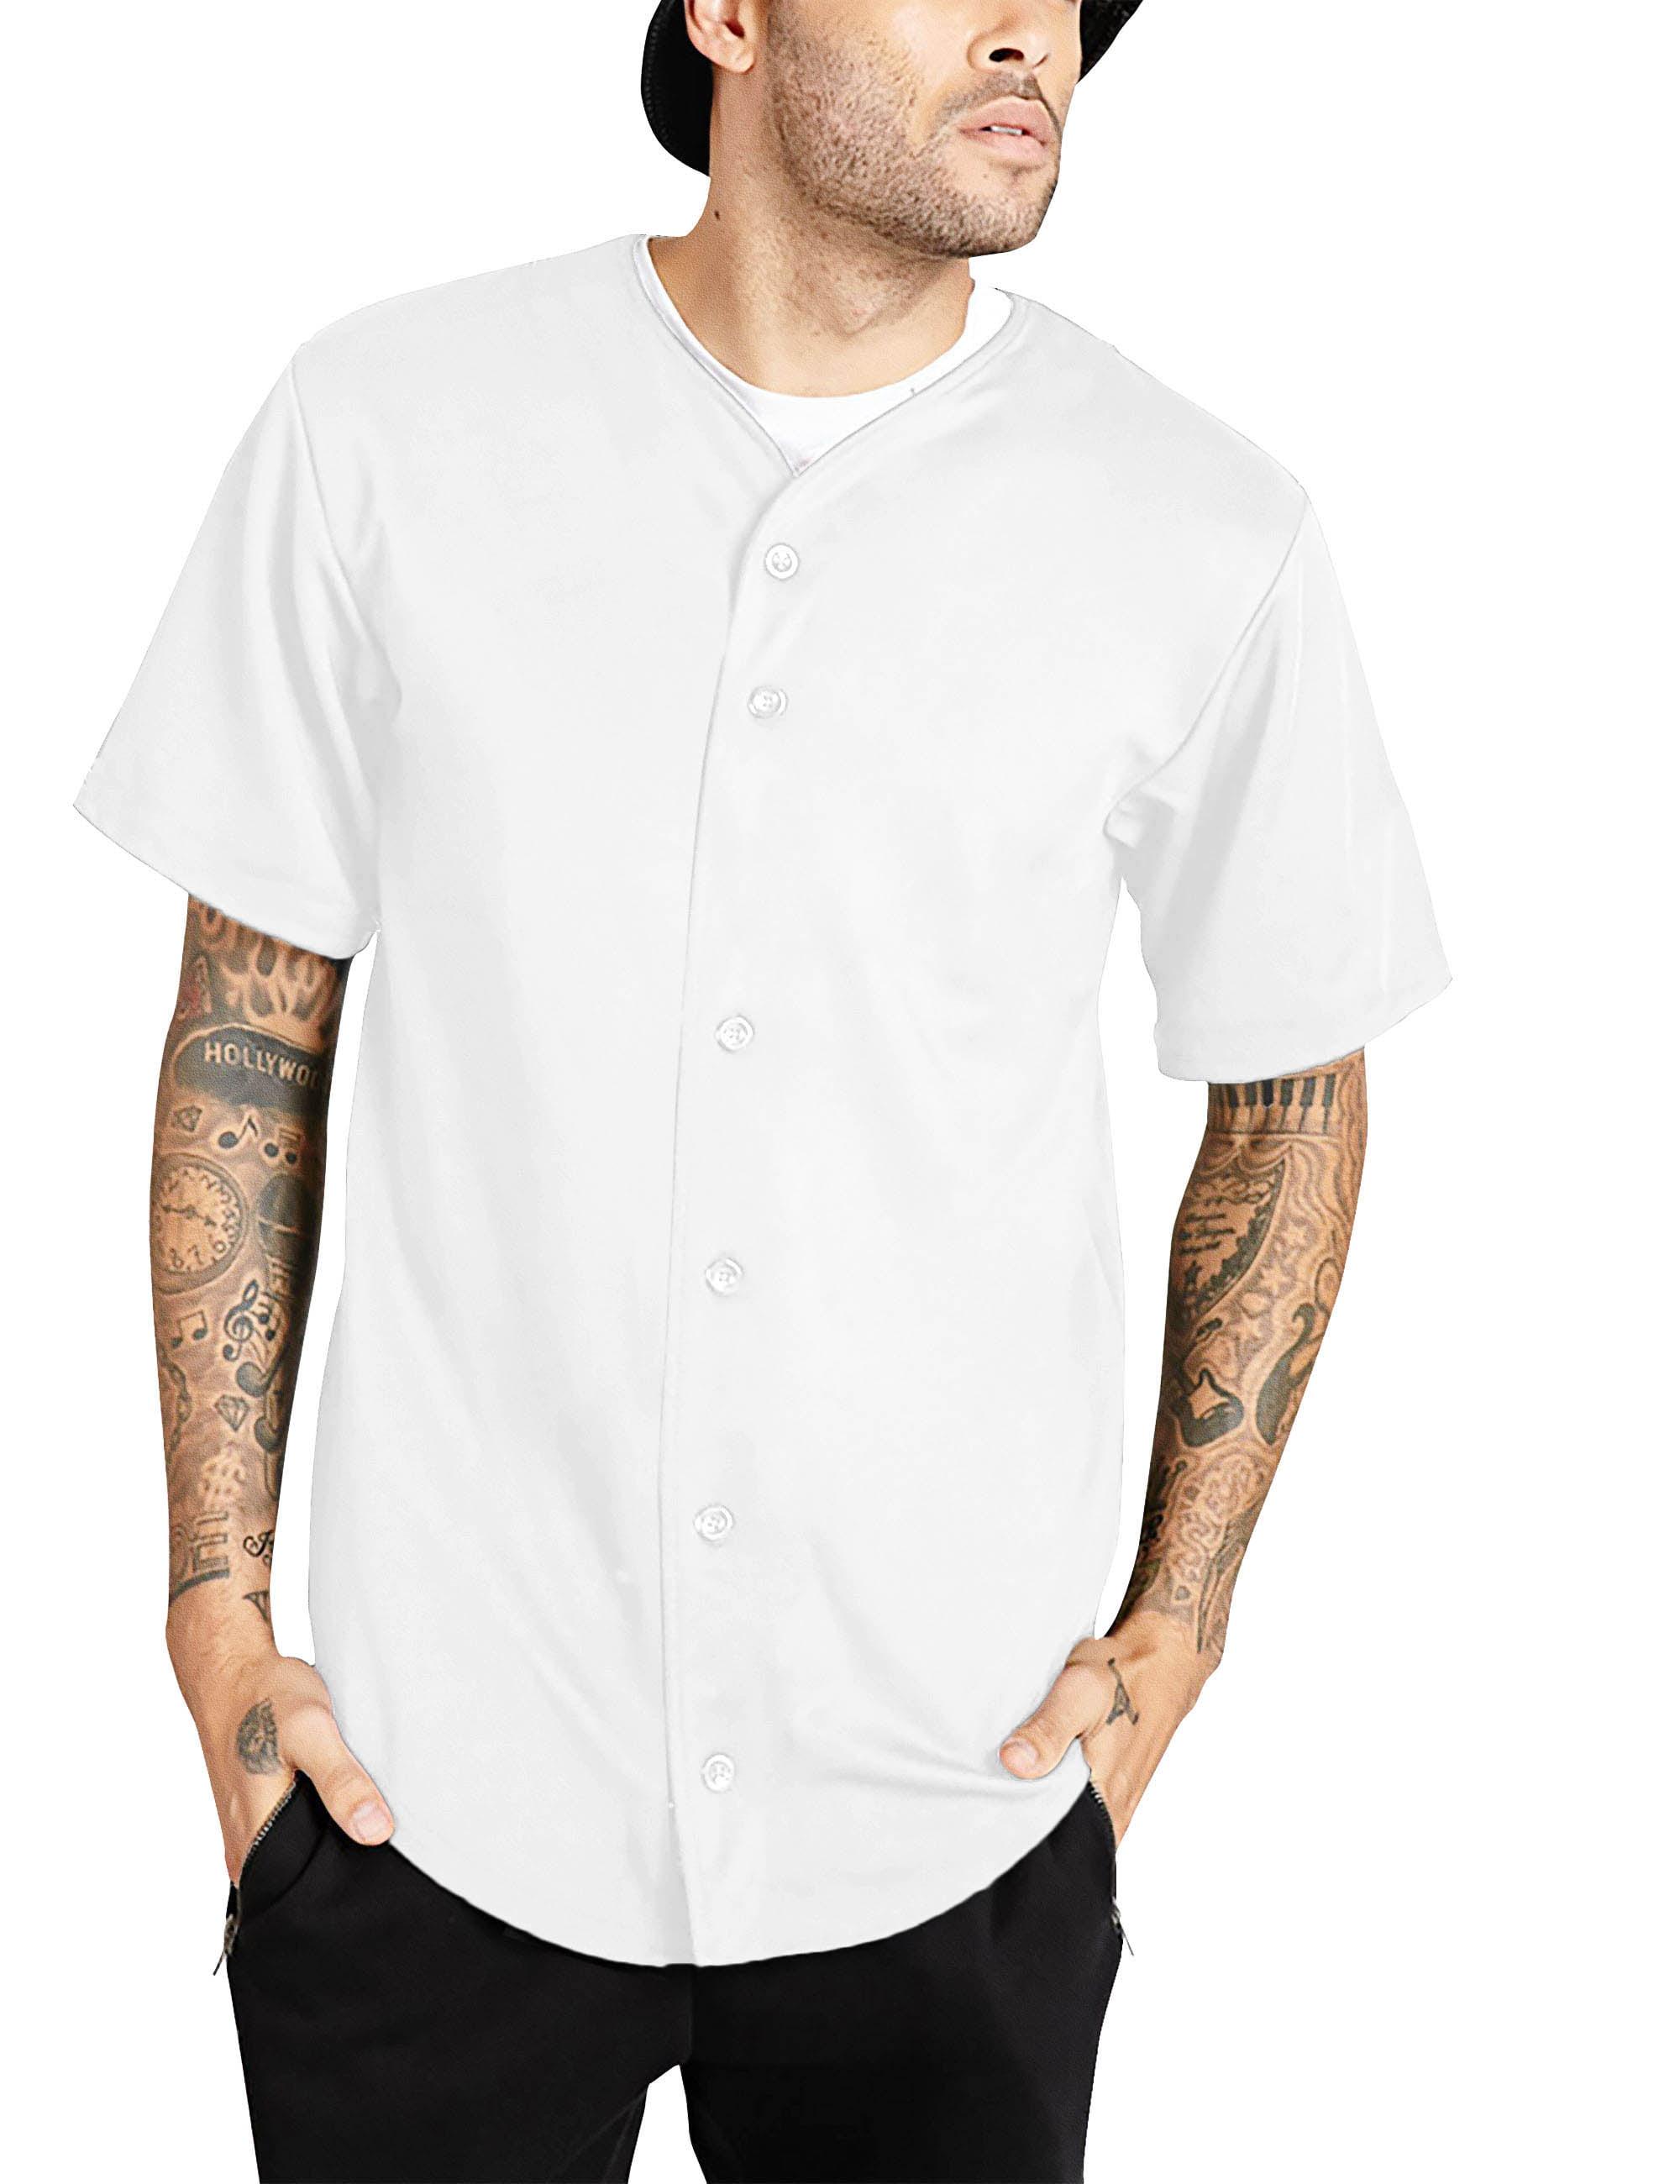 White w pinstripes 46-48 2 button Men Size XL Softball Jersey cotton//poly